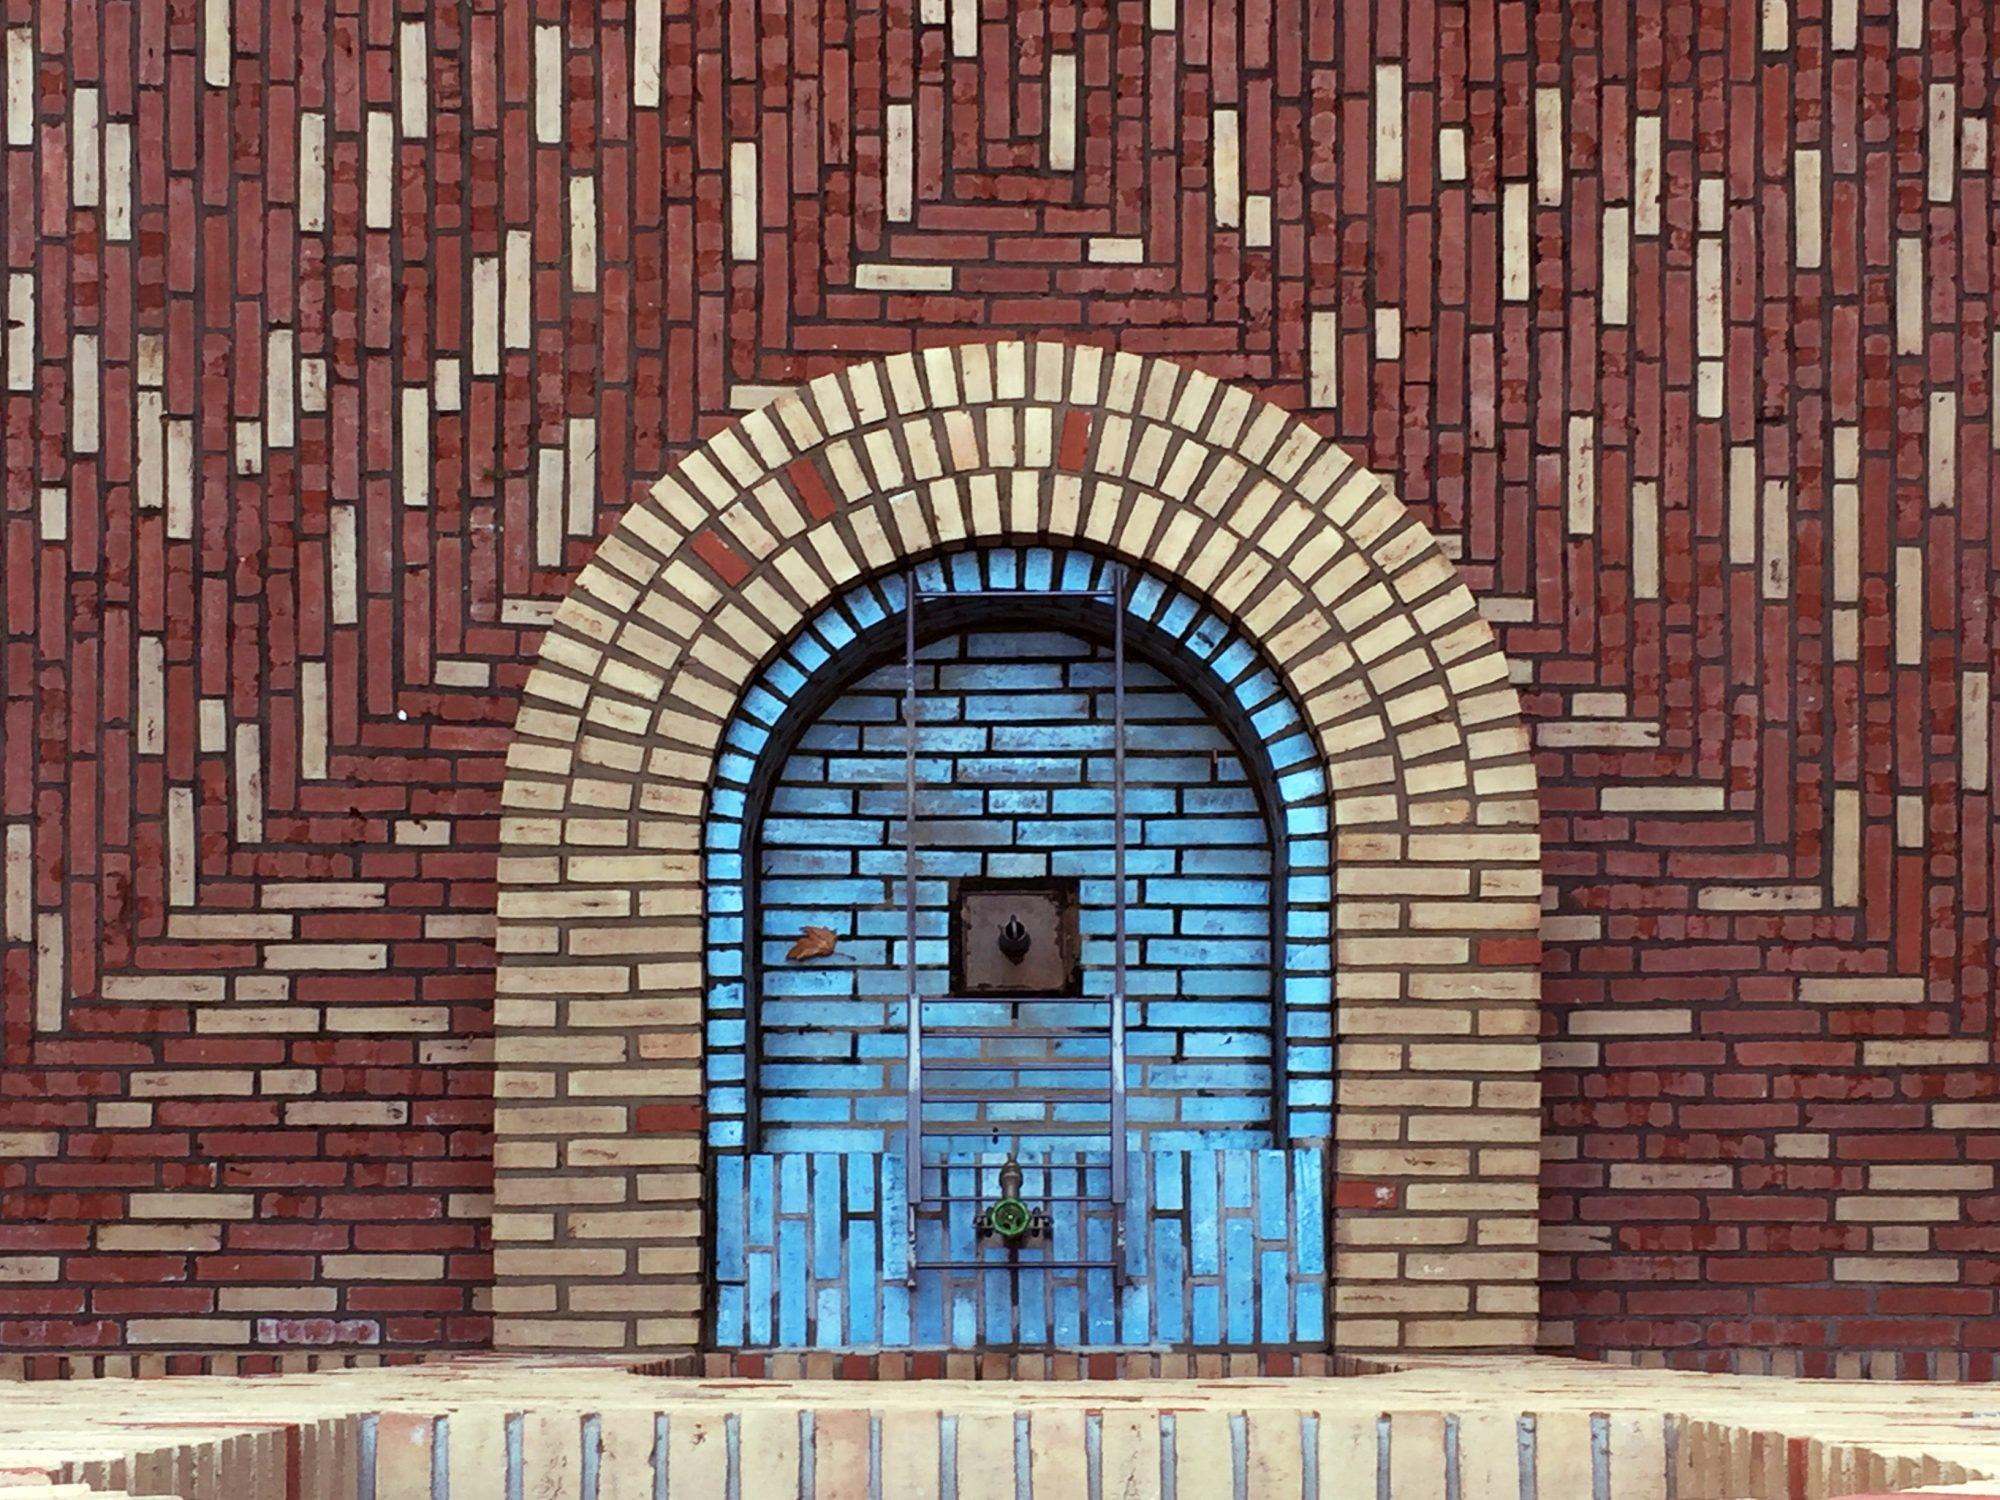 Raumgestaltung rwth rom hof vortrag von uwe schr der in for Raumgestaltung stuttgart